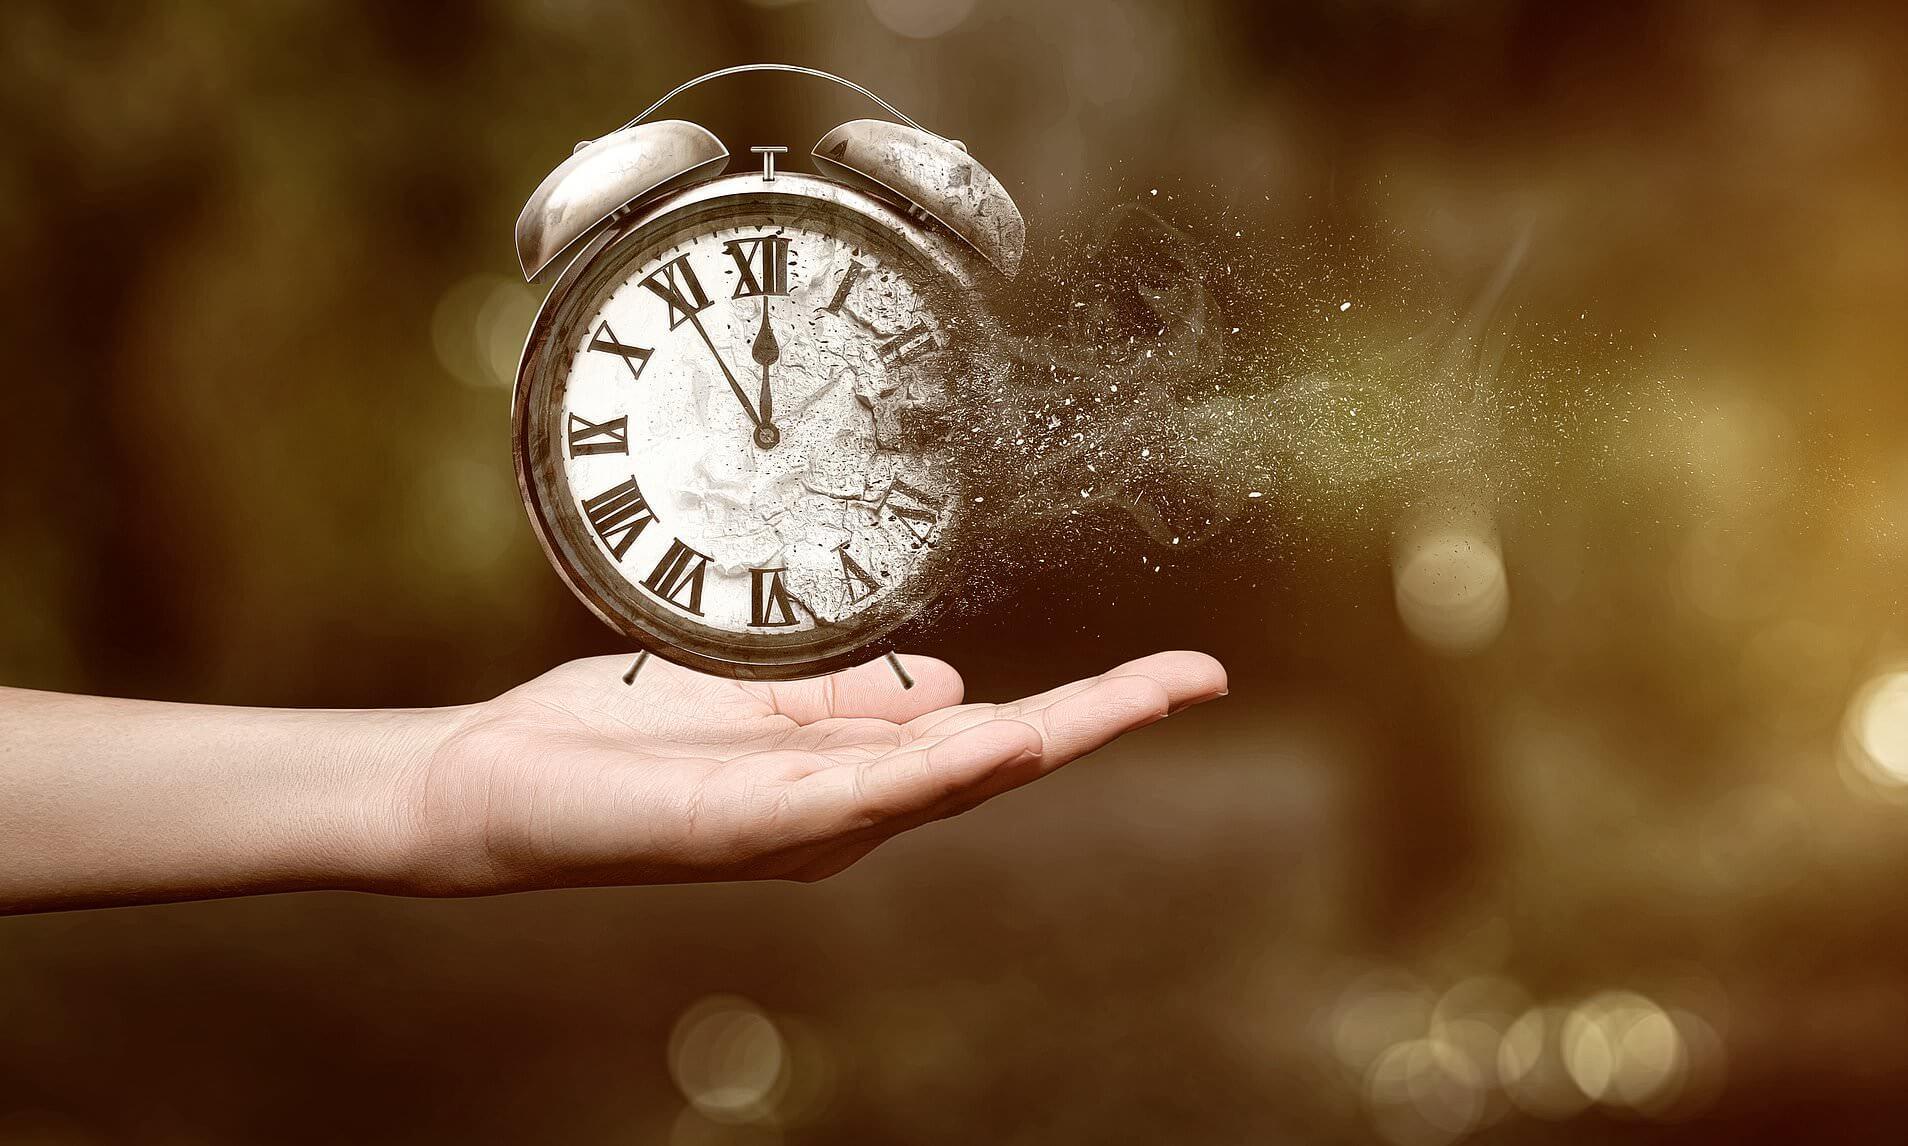 Timp. Cine mai are timp?